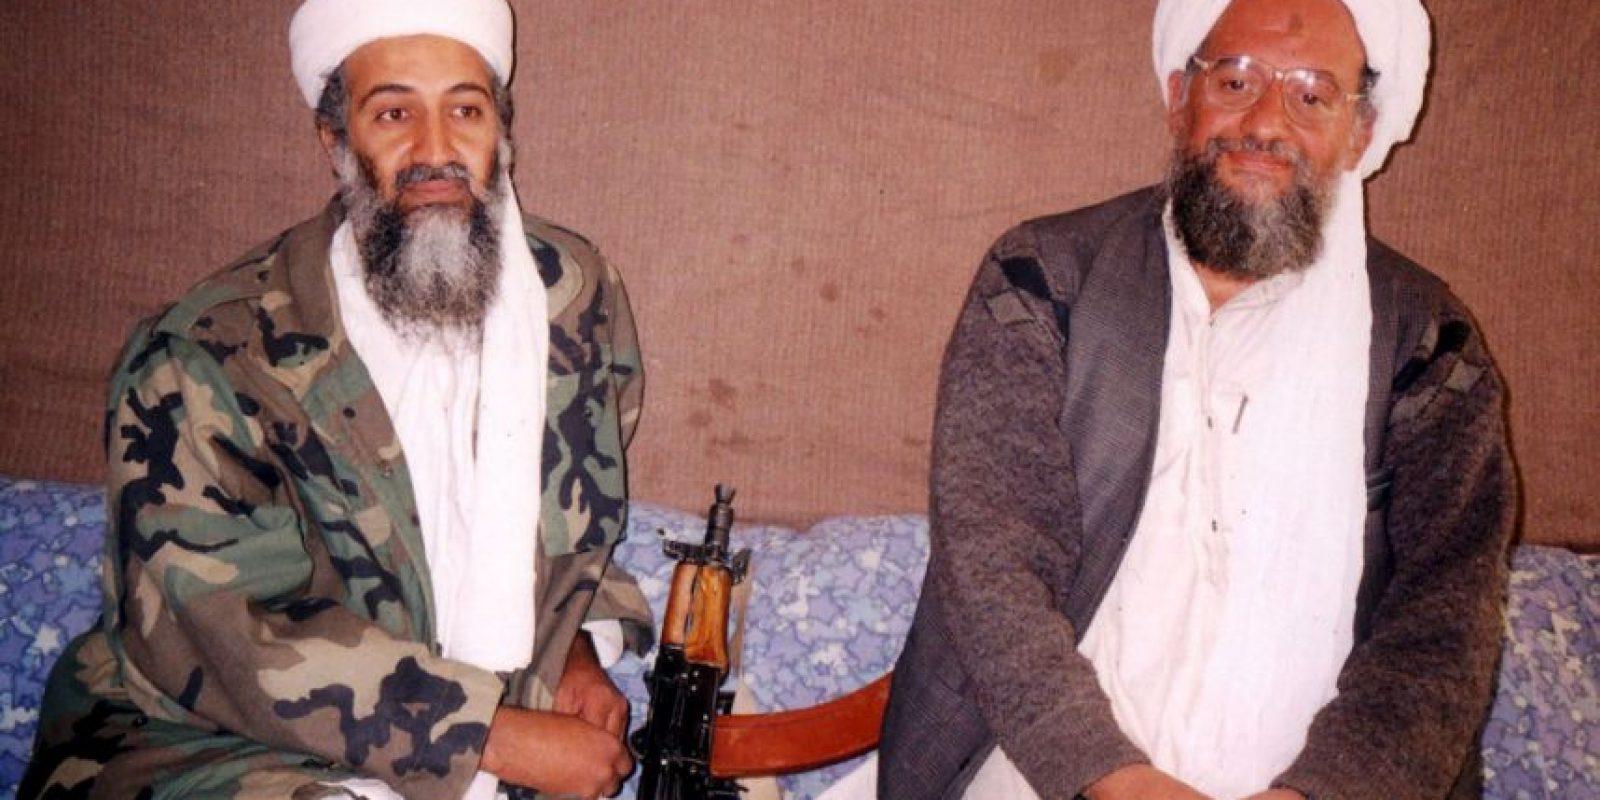 El terrorismo es el uso sistemático del terror para coaccionar a sociedades o gobiernos Foto:Getty Images